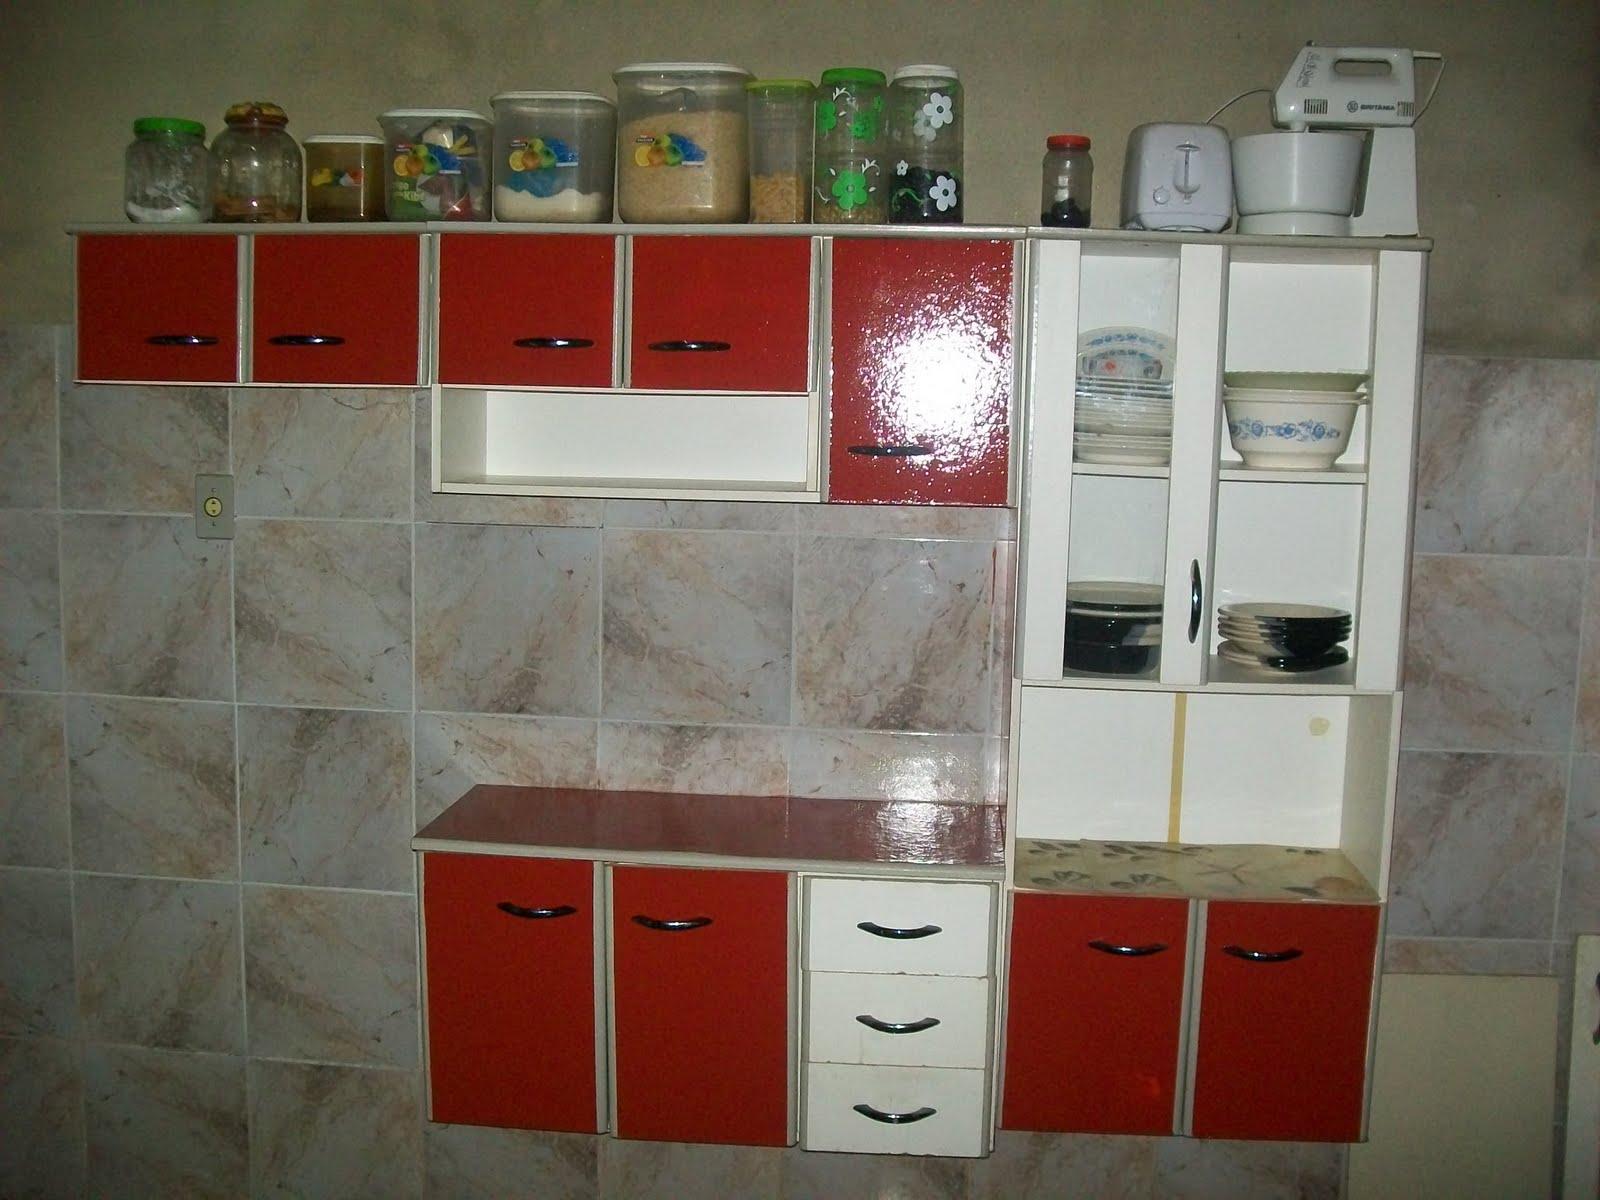 Studio da Bel *: Reforma de Armário de Cozinha > Tinta   Adesivo #6A2117 1600x1200